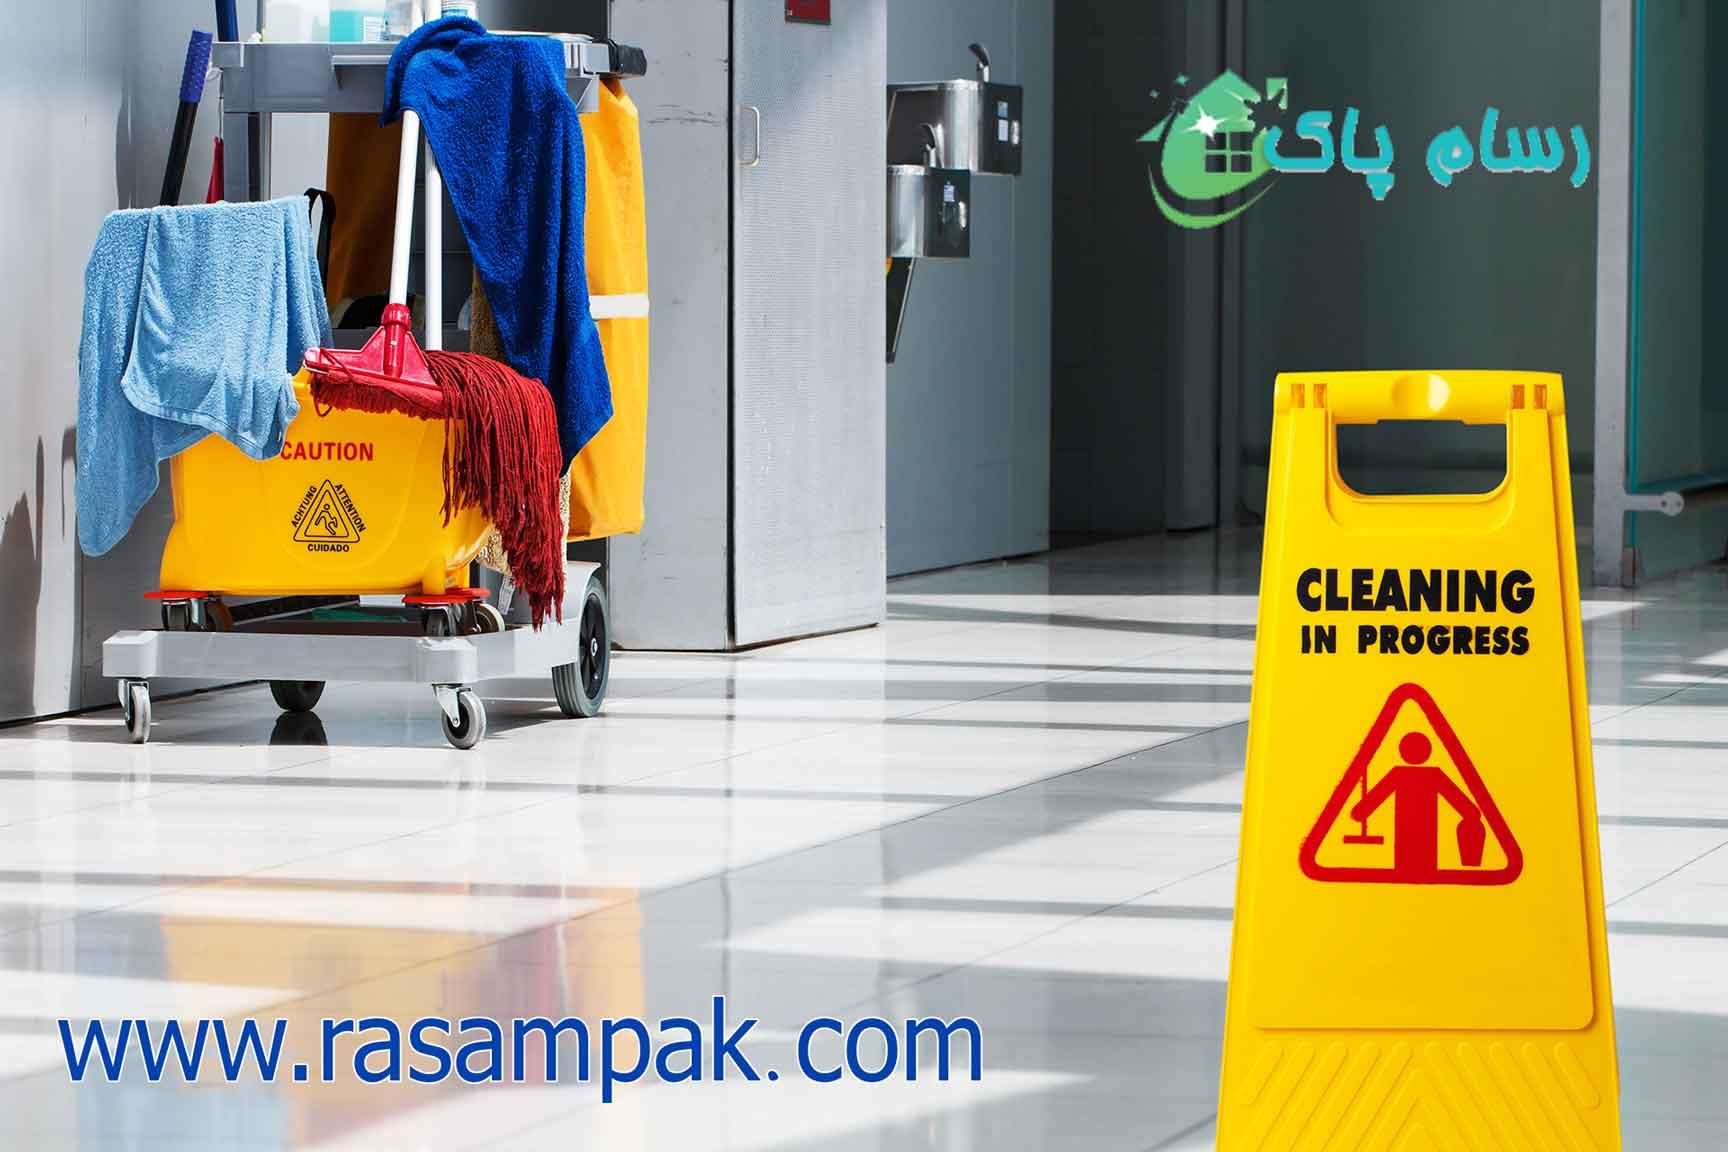 شرکت نظافتی در تهران شرکت نظافتی رسام پاک